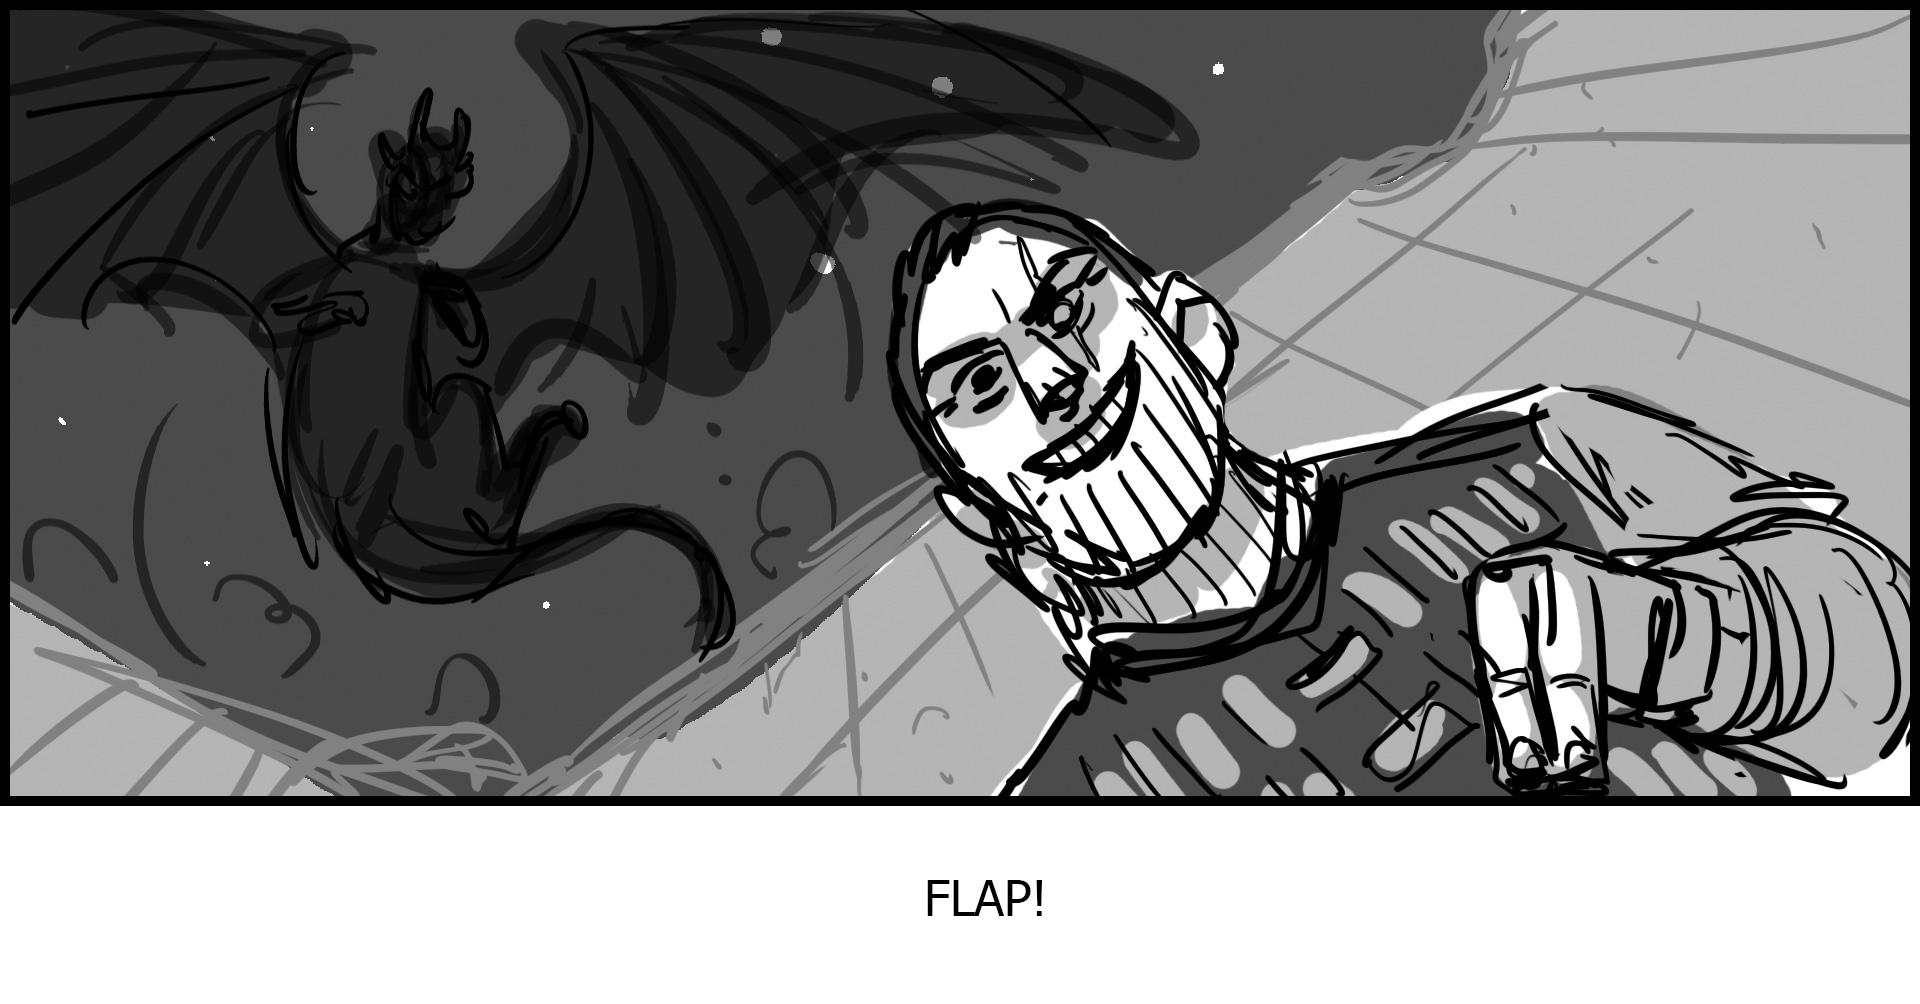 dragonsHeart_0012.jpg